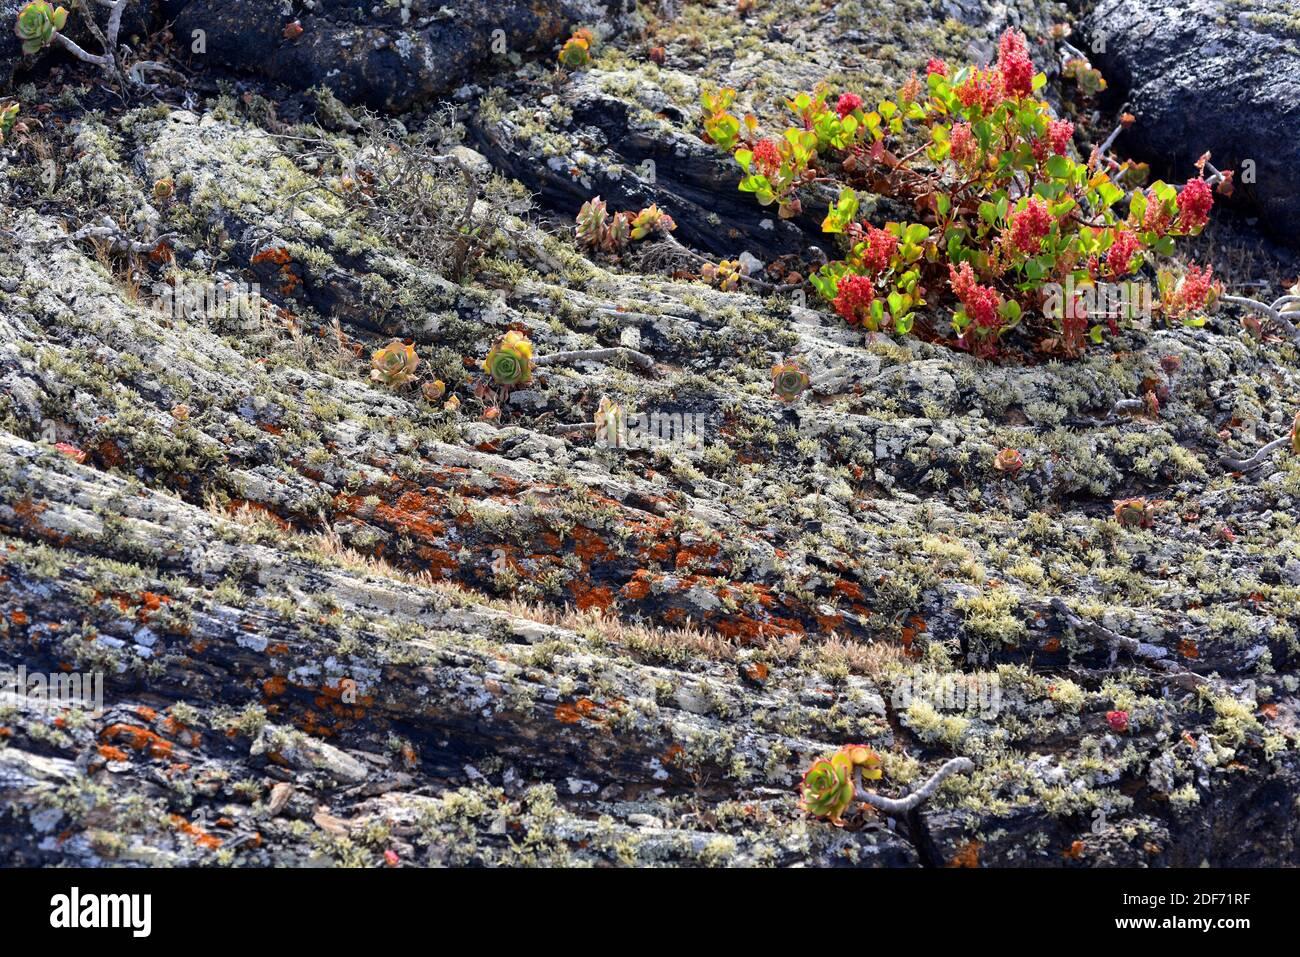 Pahoehoe o flujo de lava cerca de Masdache, Isla de Lanzarote, Islas Canarias, España. La lava está cubierta por líquenes, lanzarottense de Aeonium y lunaria de Rumex. Foto de stock